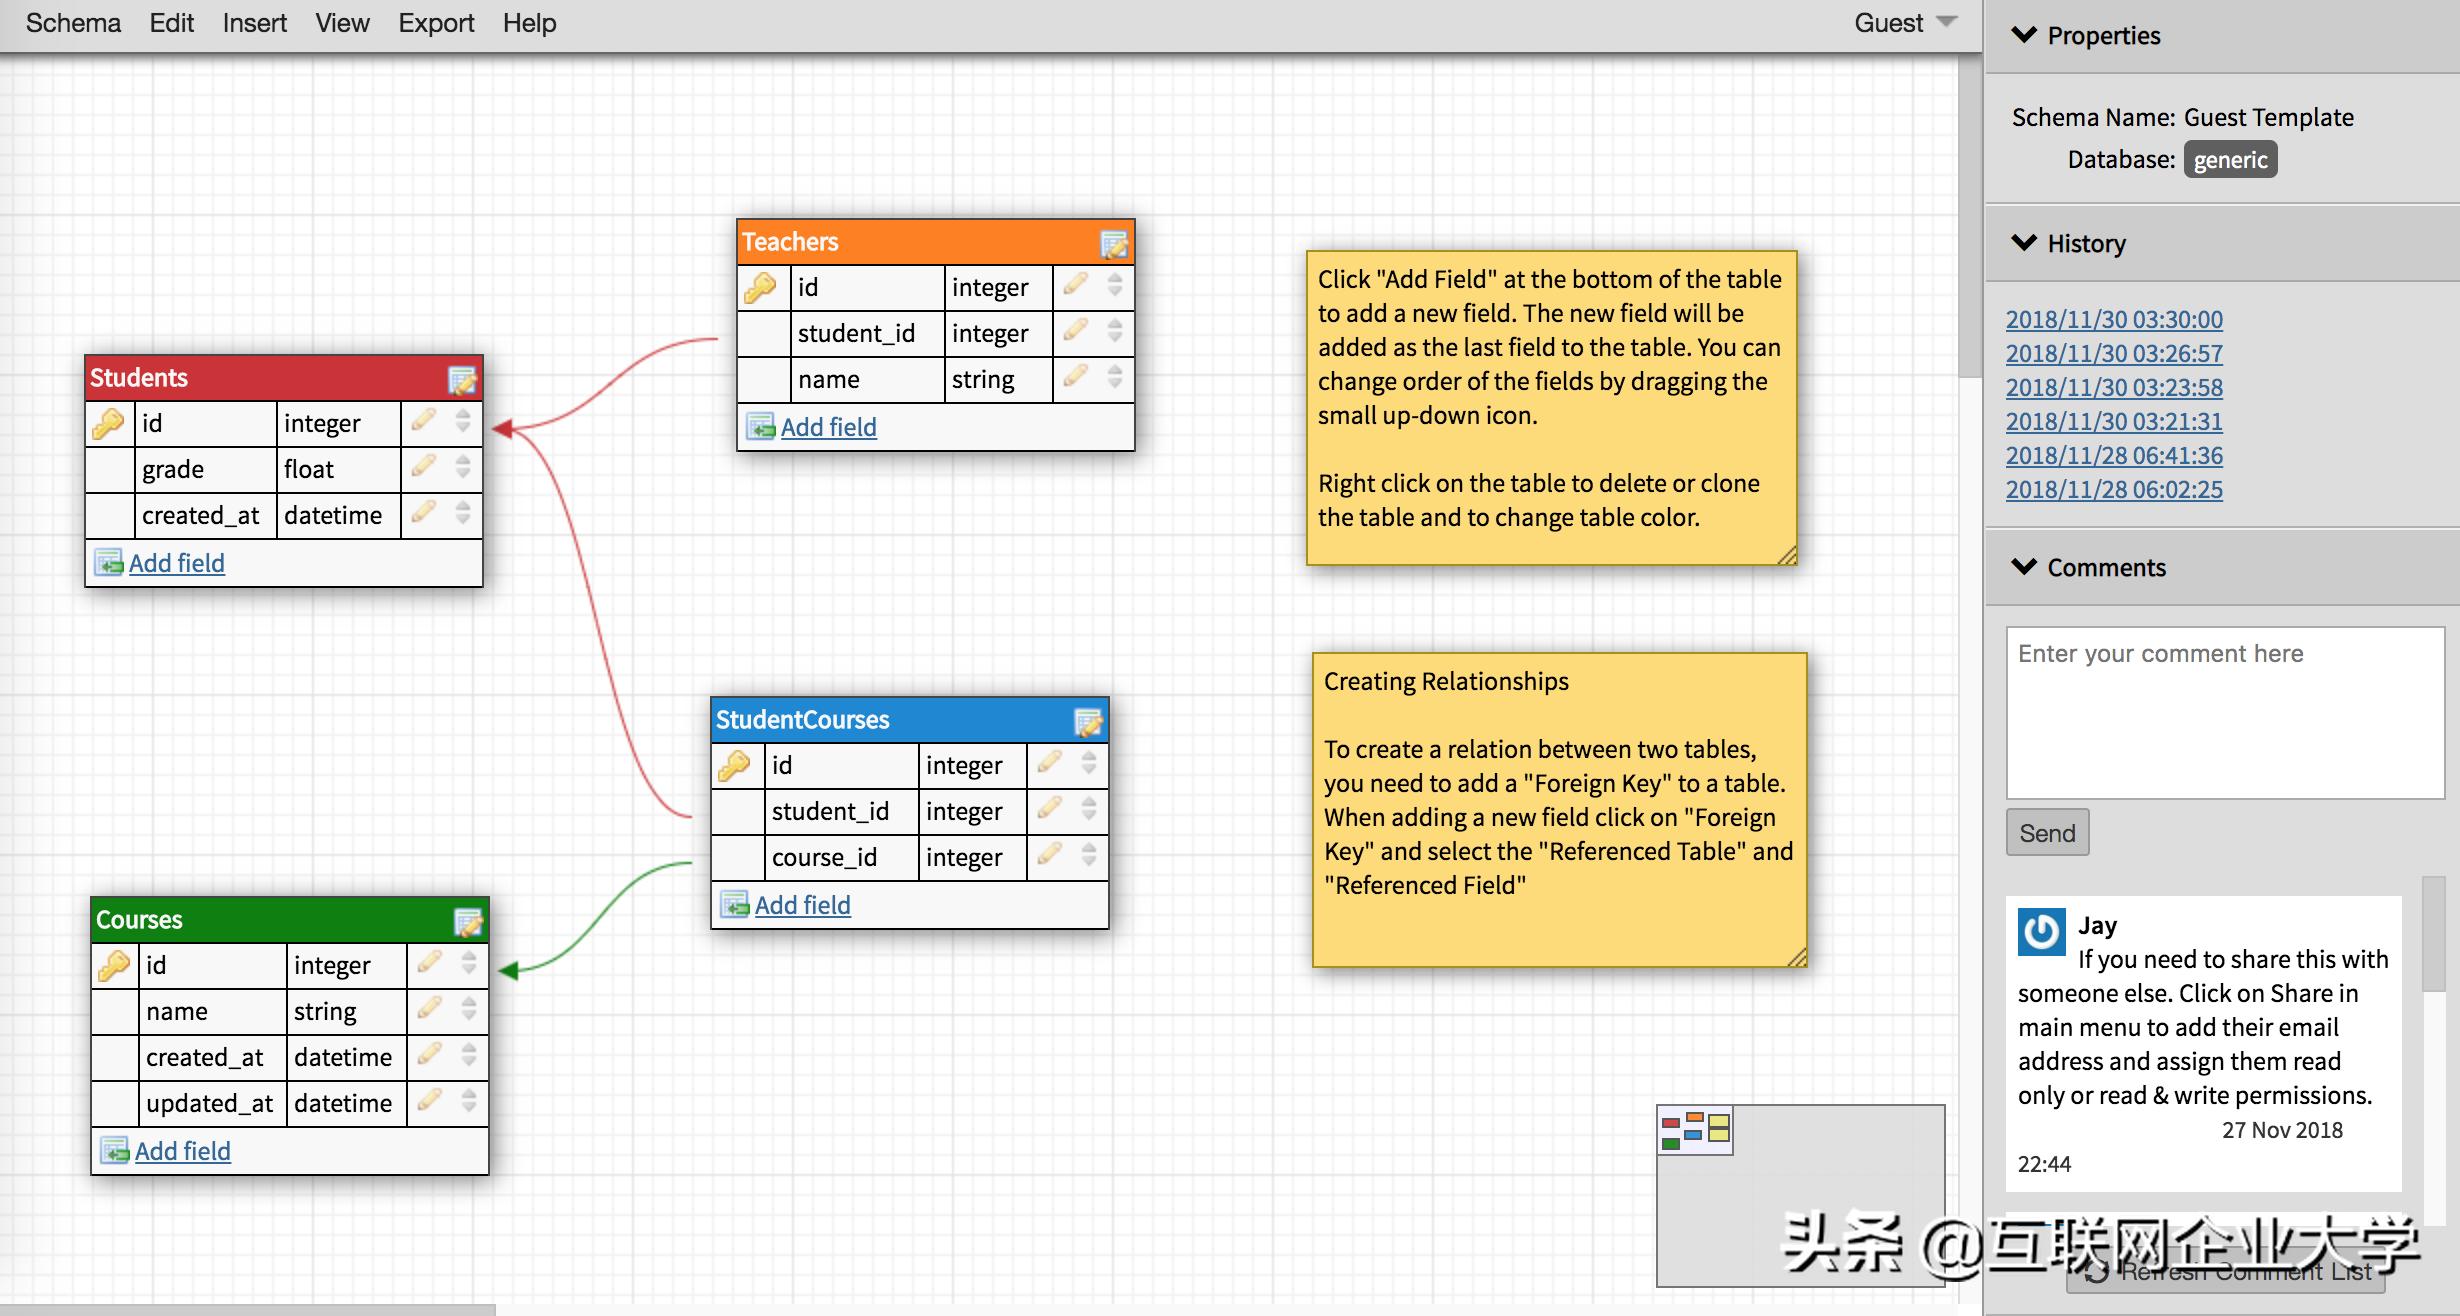 还在用powerdesigner?安利几个在线数据库建模工具